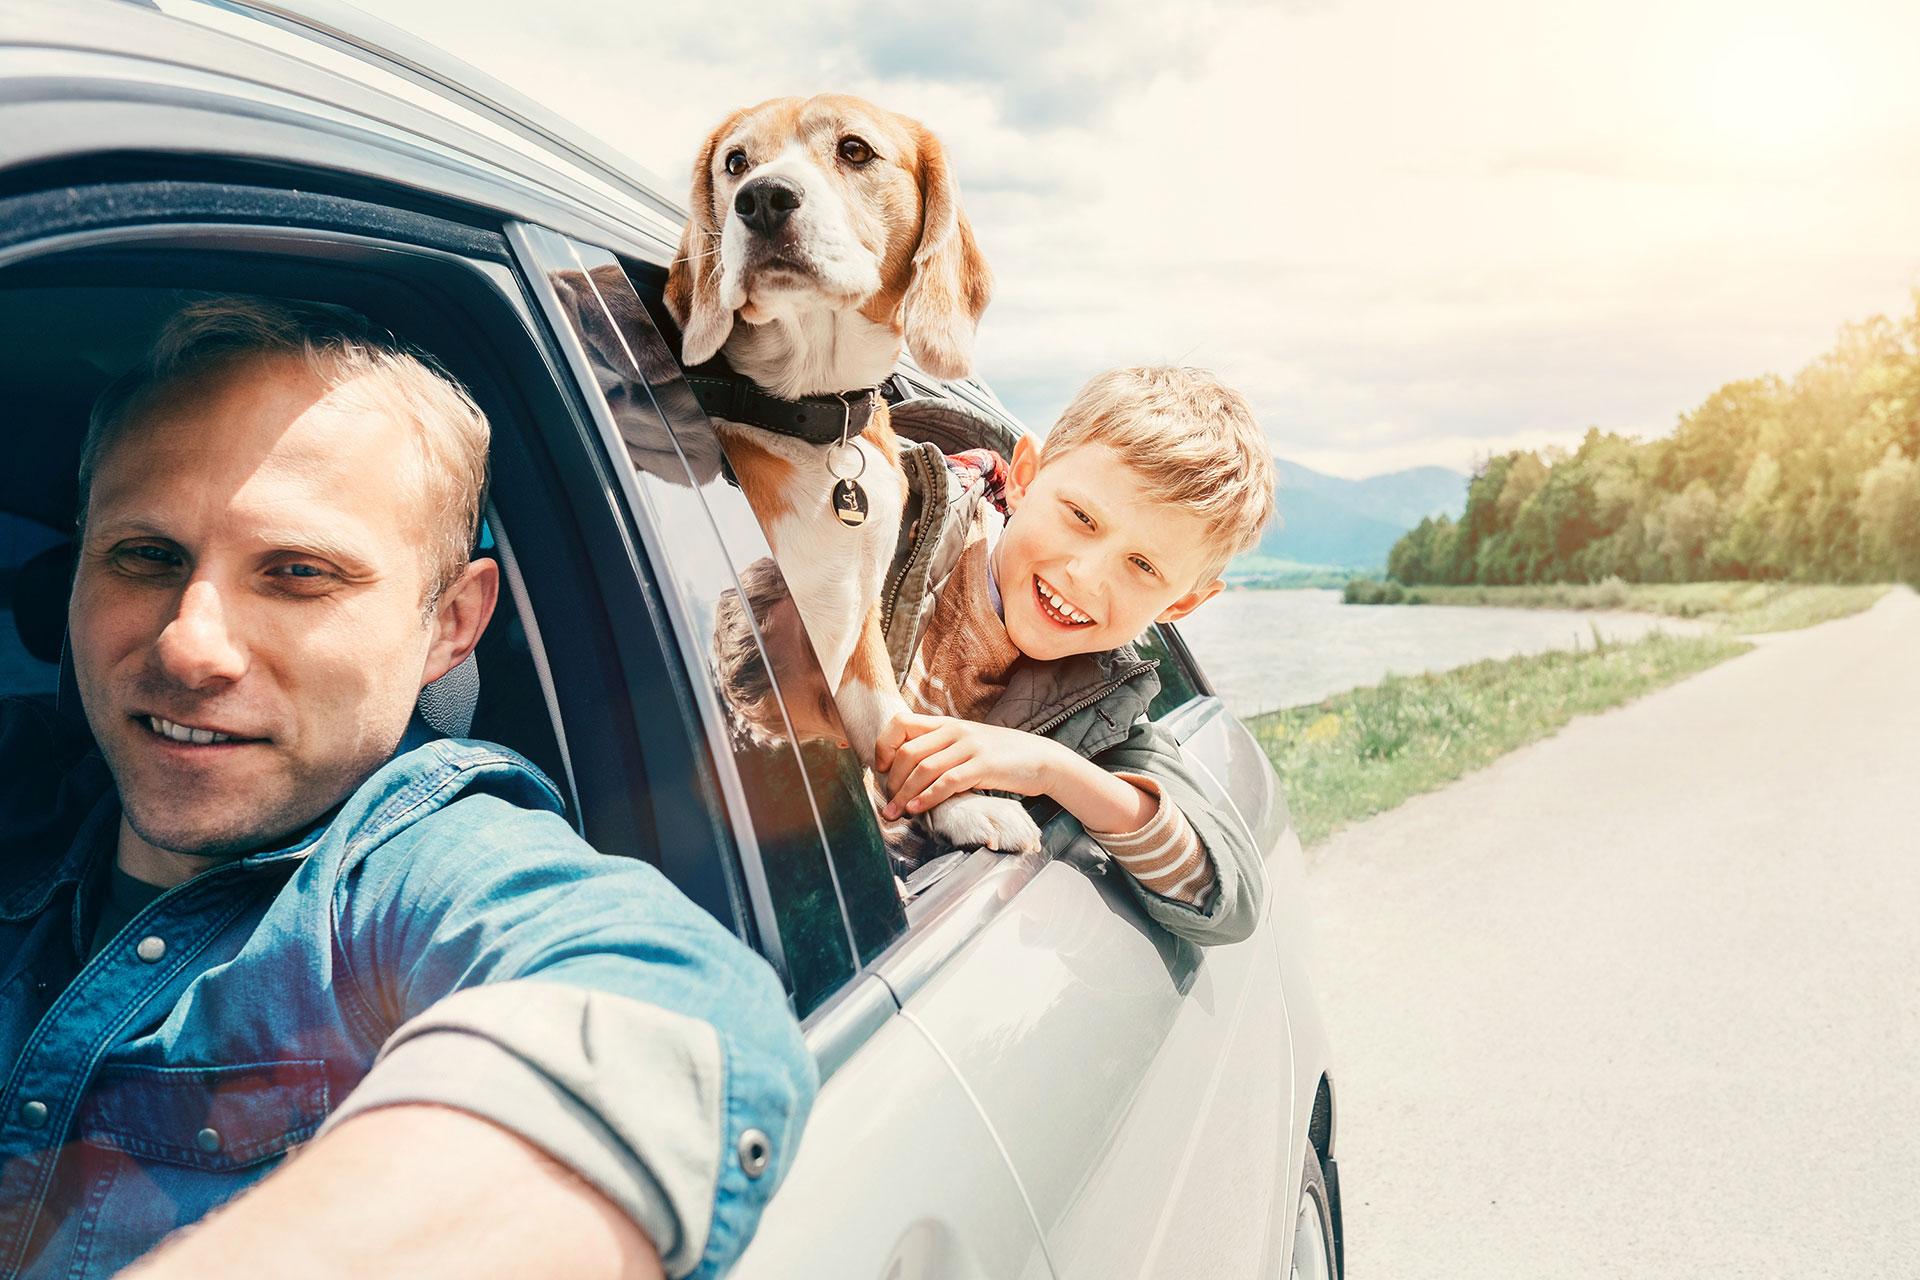 Zwierzaki na urlopie – o czym warto pamiętać wybierając się na wspólne wakacje?